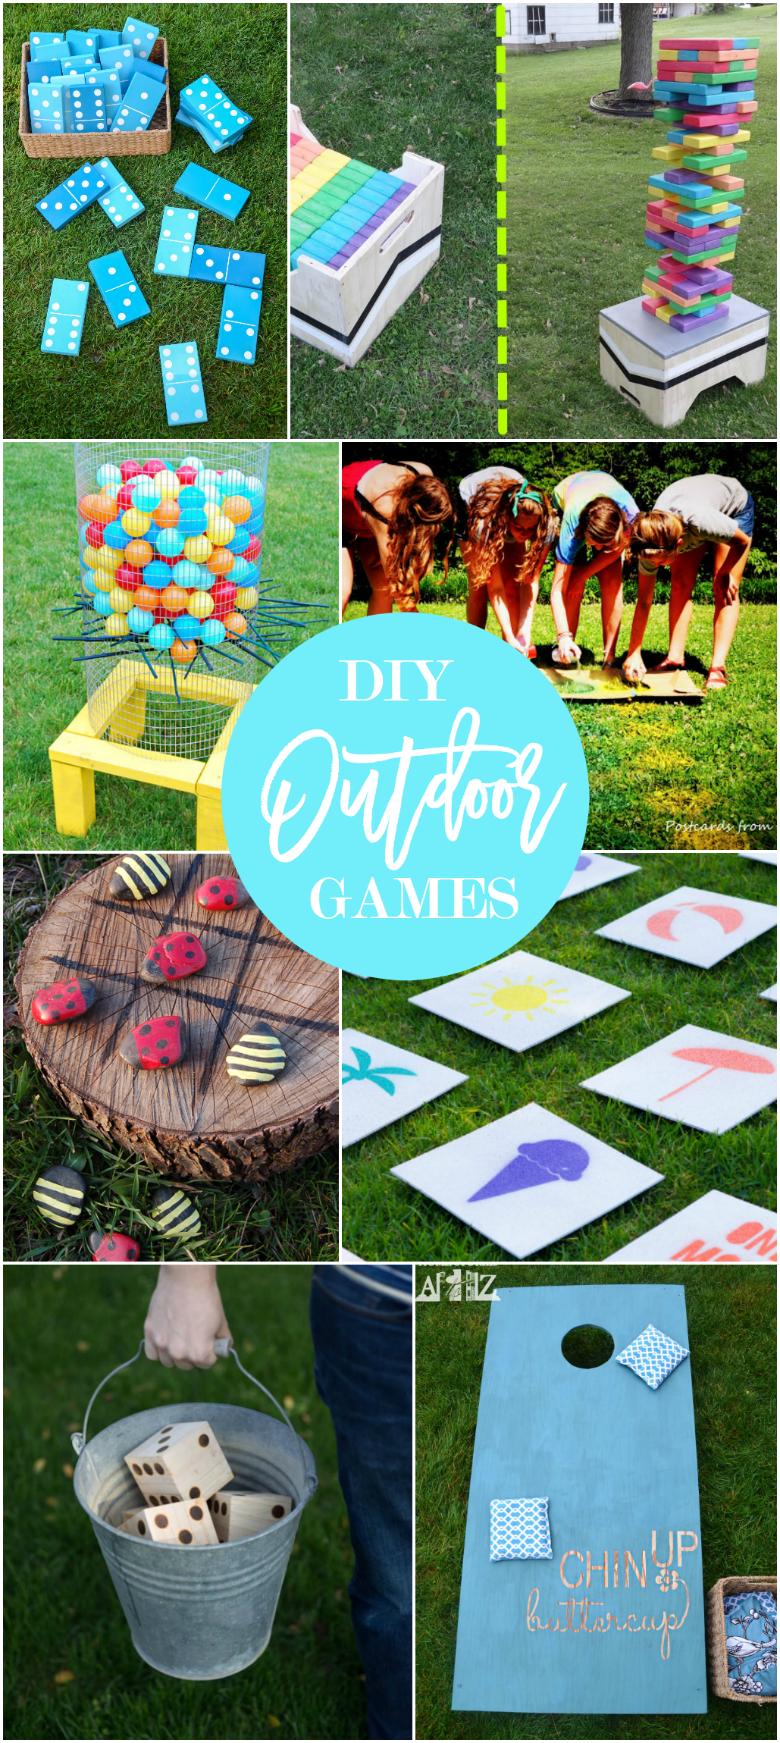 17-DIY-games-for-outdoor-family-fun-backyard-game-tutorials